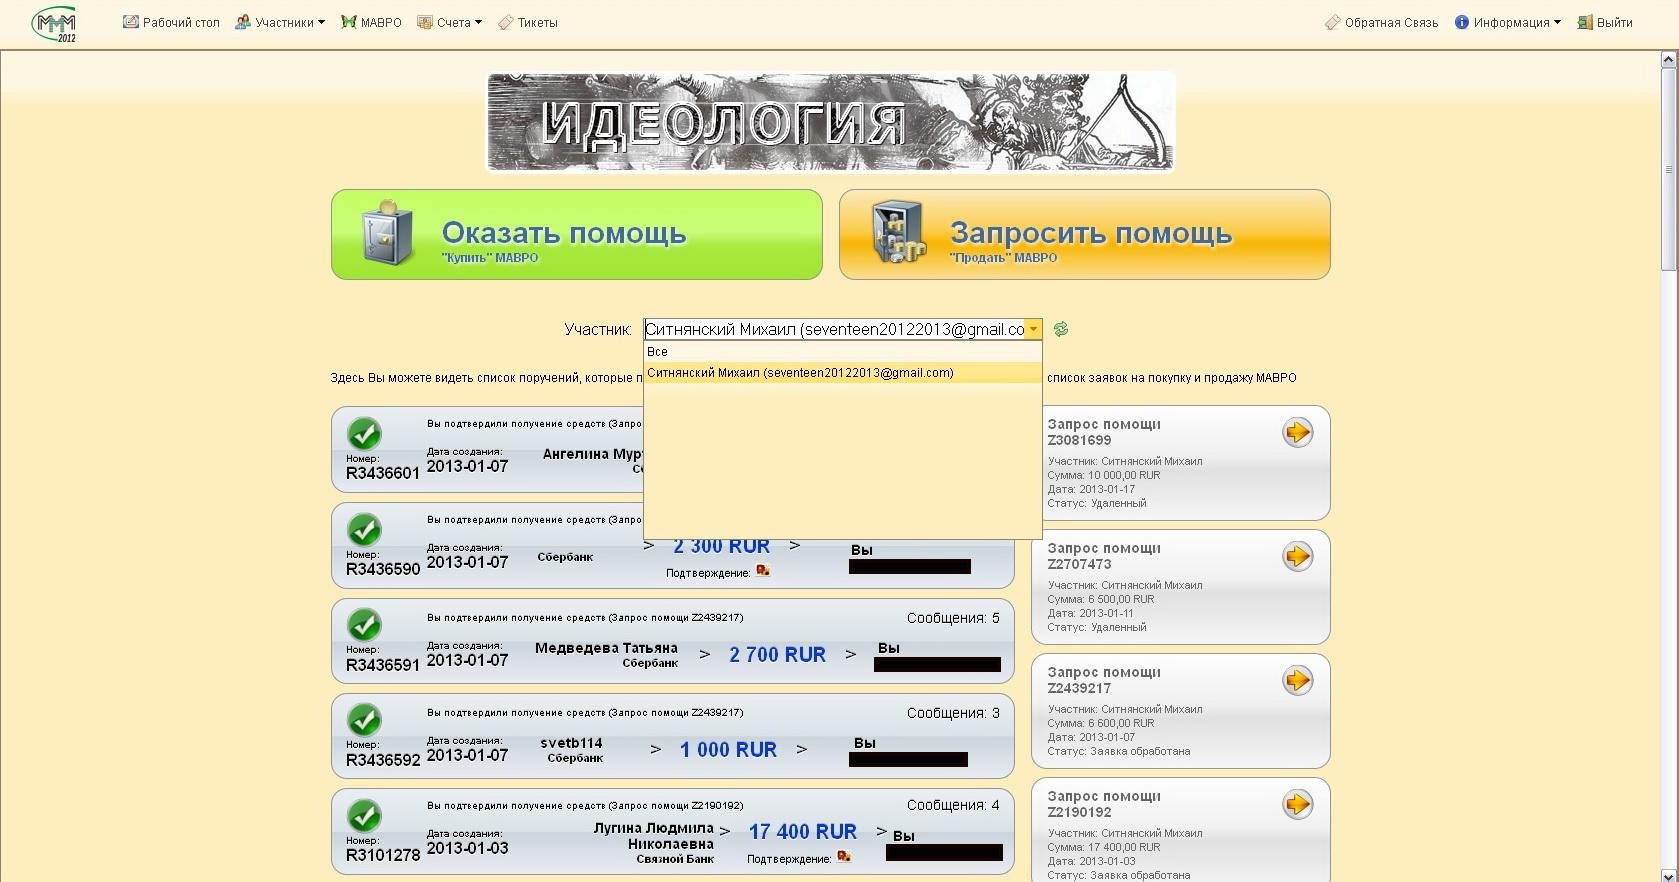 КРО и АДминистрация МММ решили наказать меня за этот сайт =)